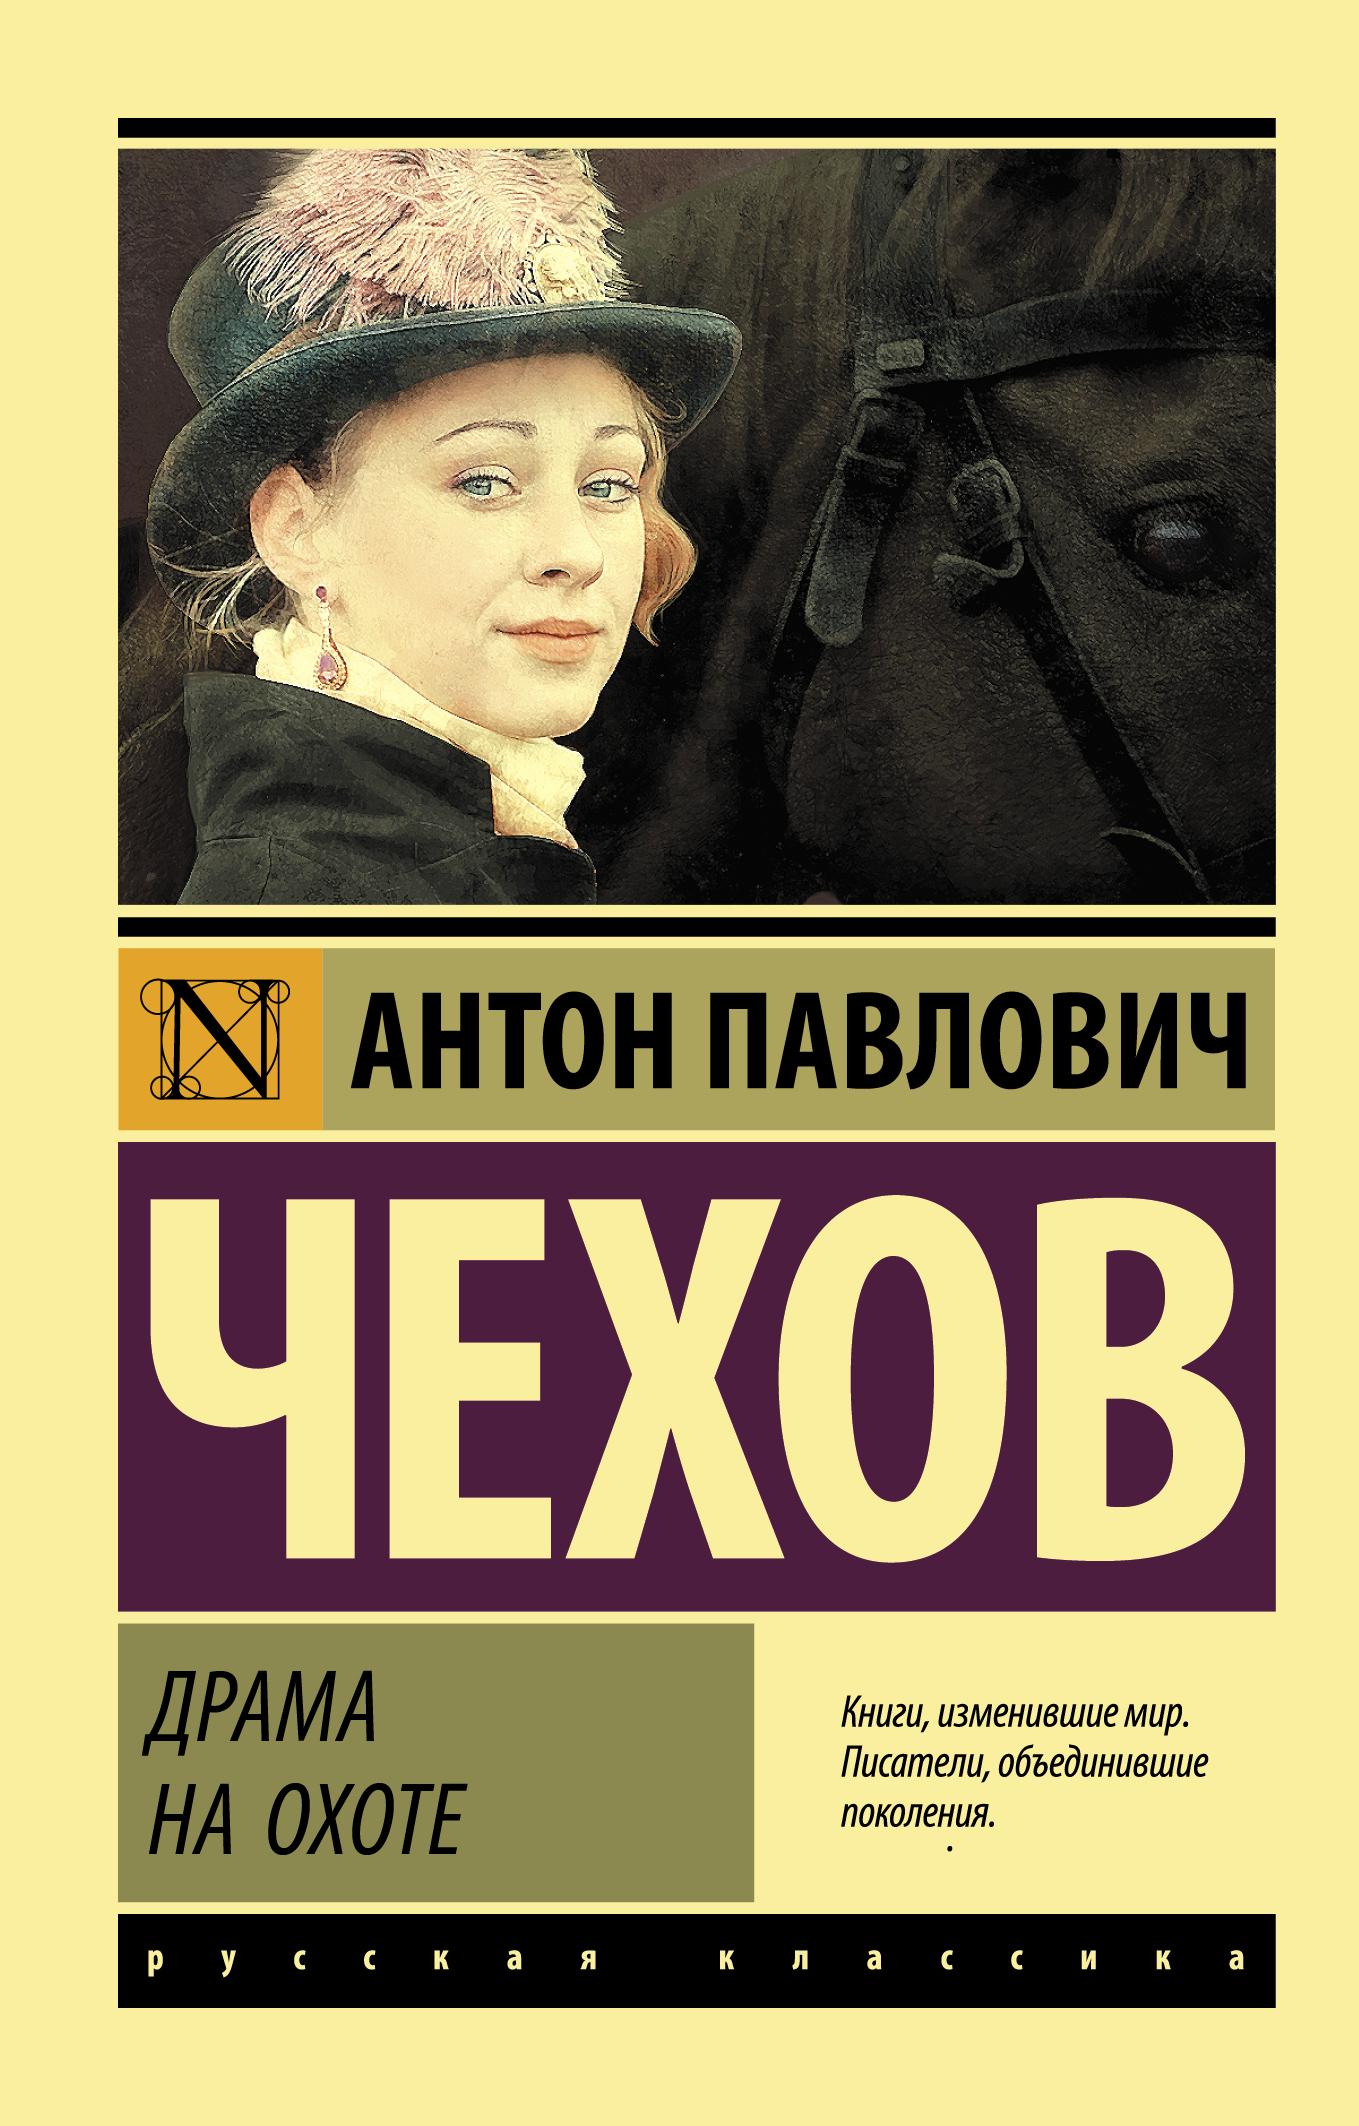 Чехов драма на охоте скачать fb2